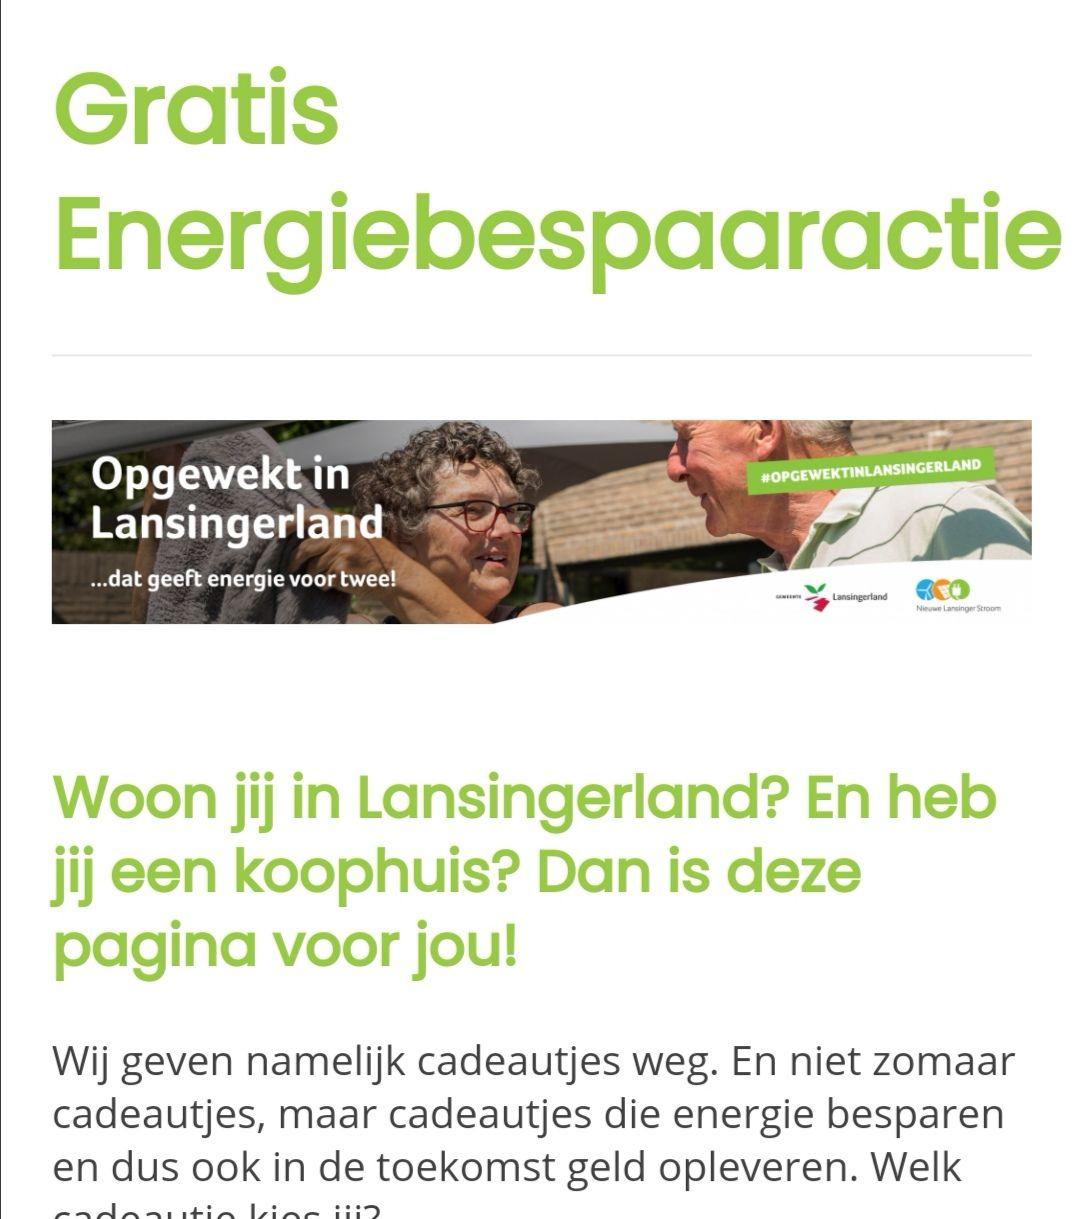 Gratis energiebespaarpakket voor huiseigenaren in Lansingerland t.w.v. €90,-